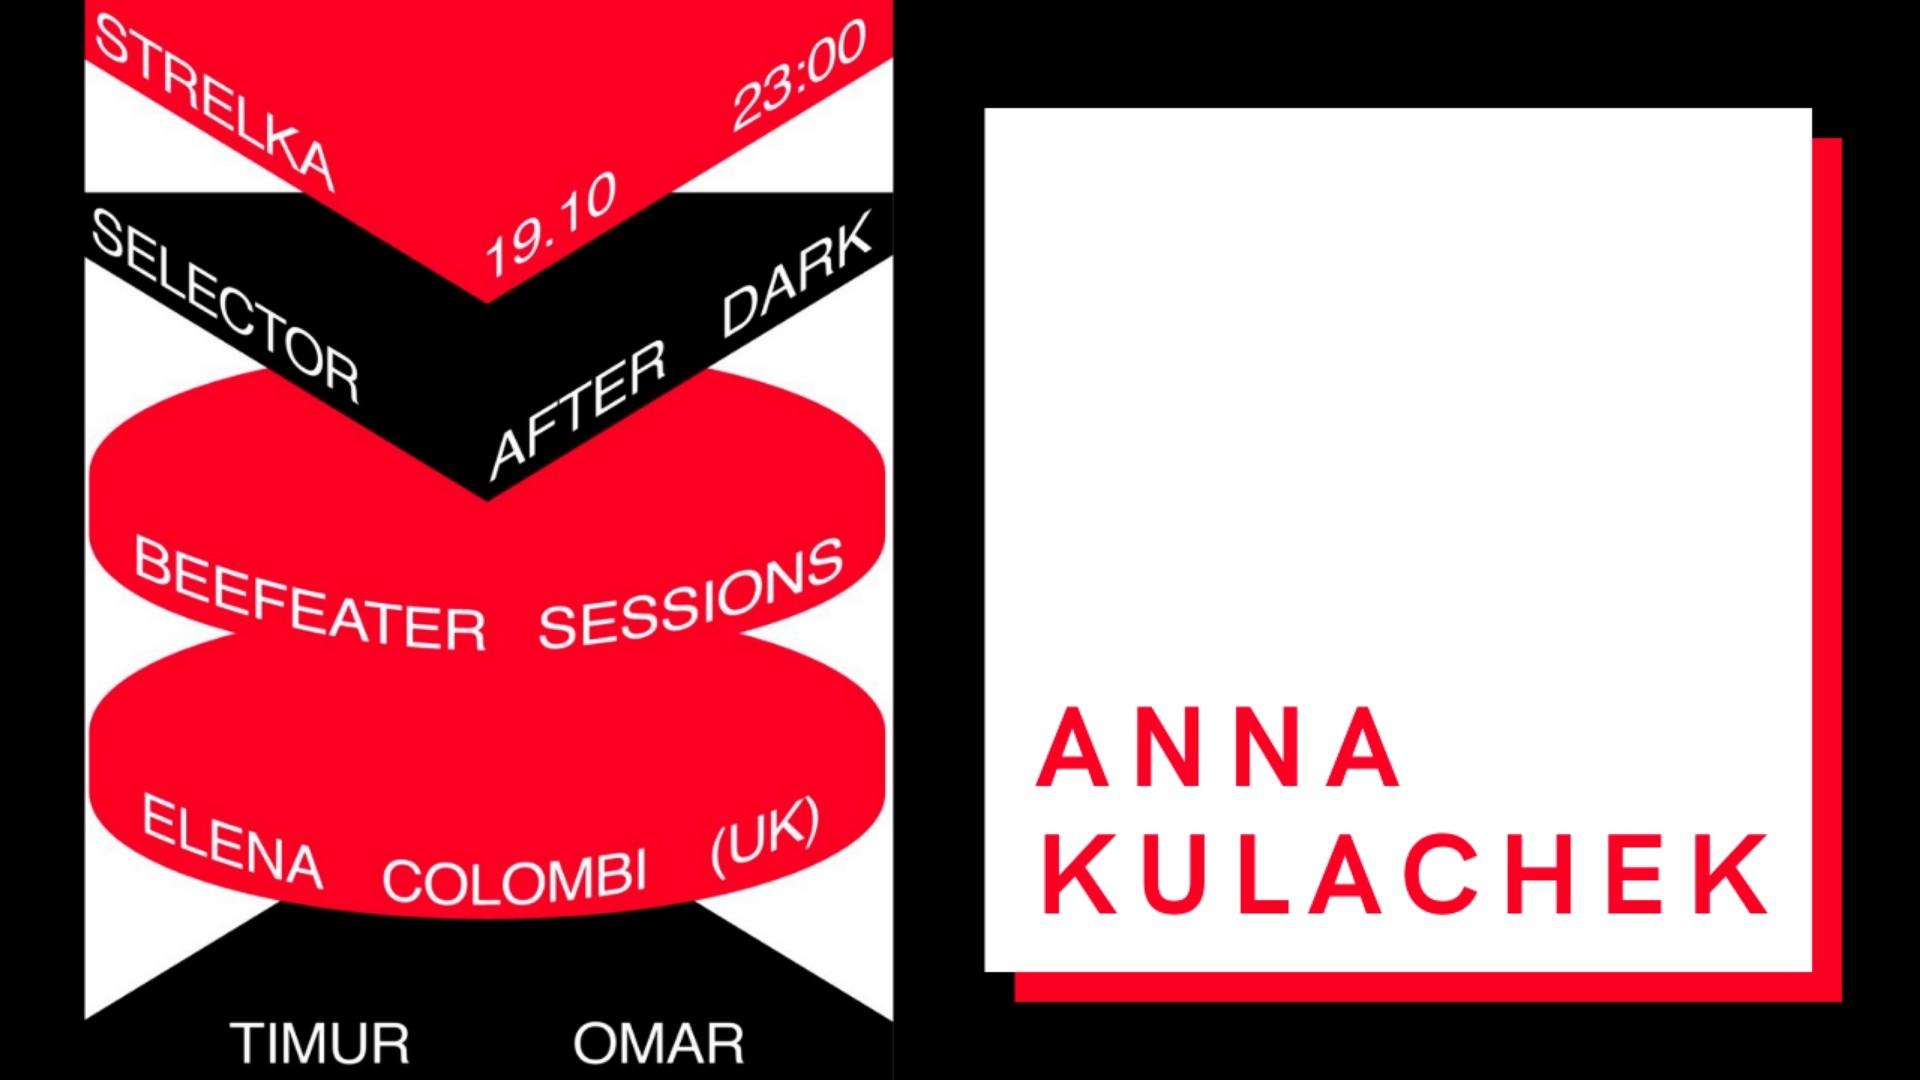 Превращаем красные круги в искусство: иллюстрации Anna Kulachek